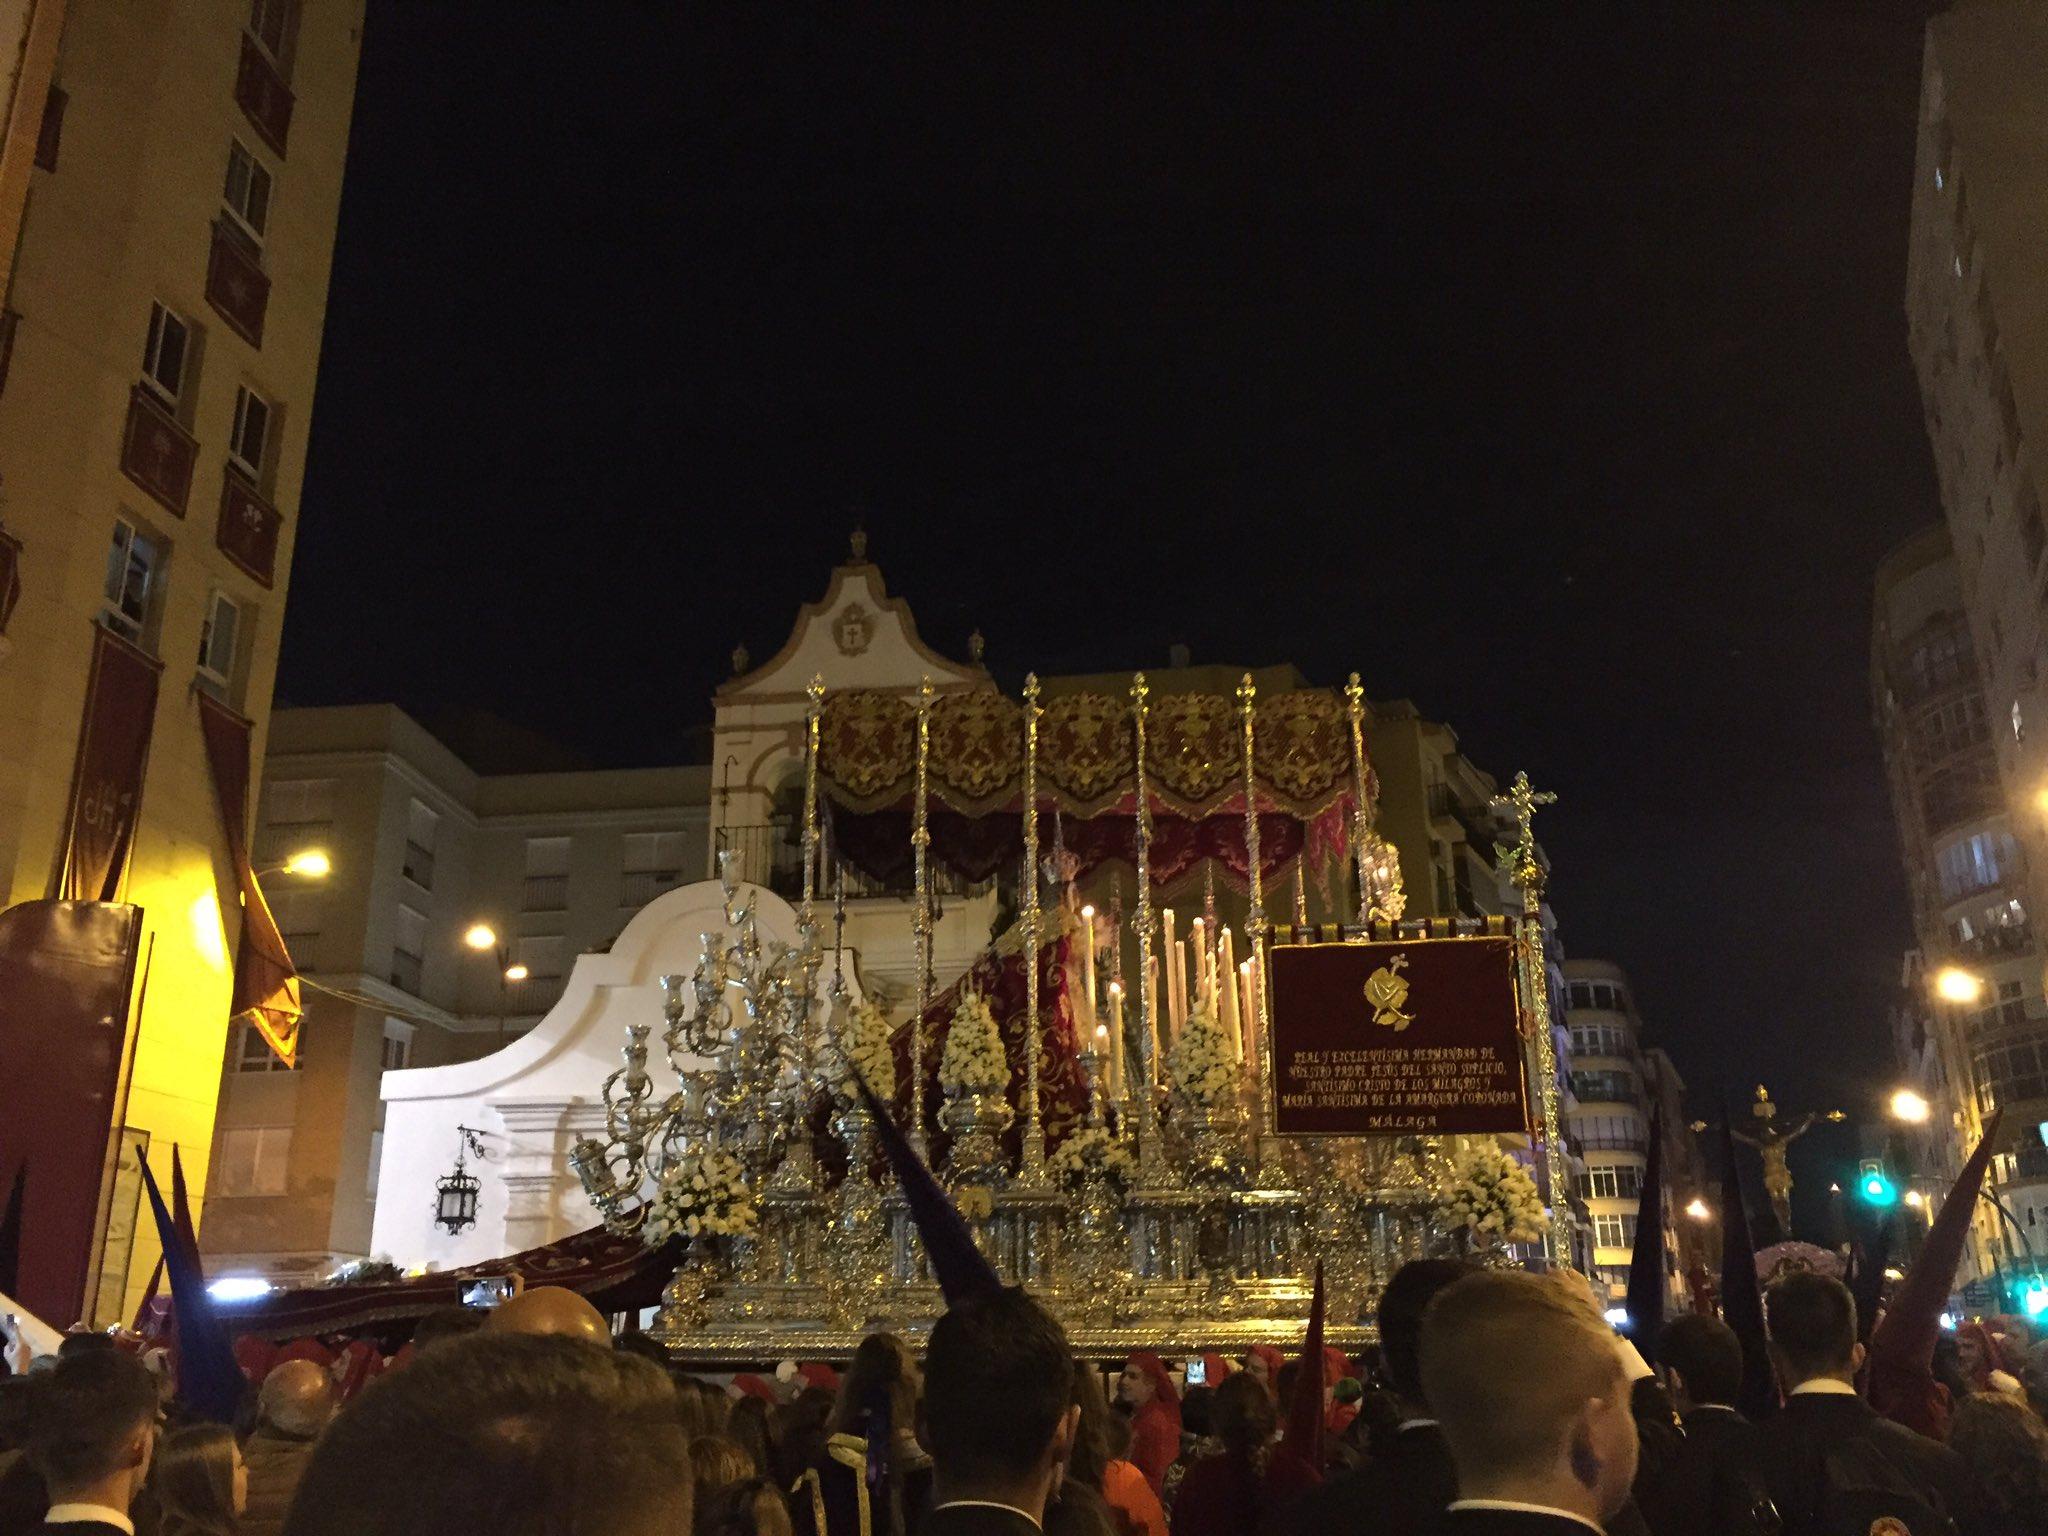 La Agrupación de Cofradías de Málaga acuerda aplazar la procesión magna prevista para septiembre con motivo del Centenario